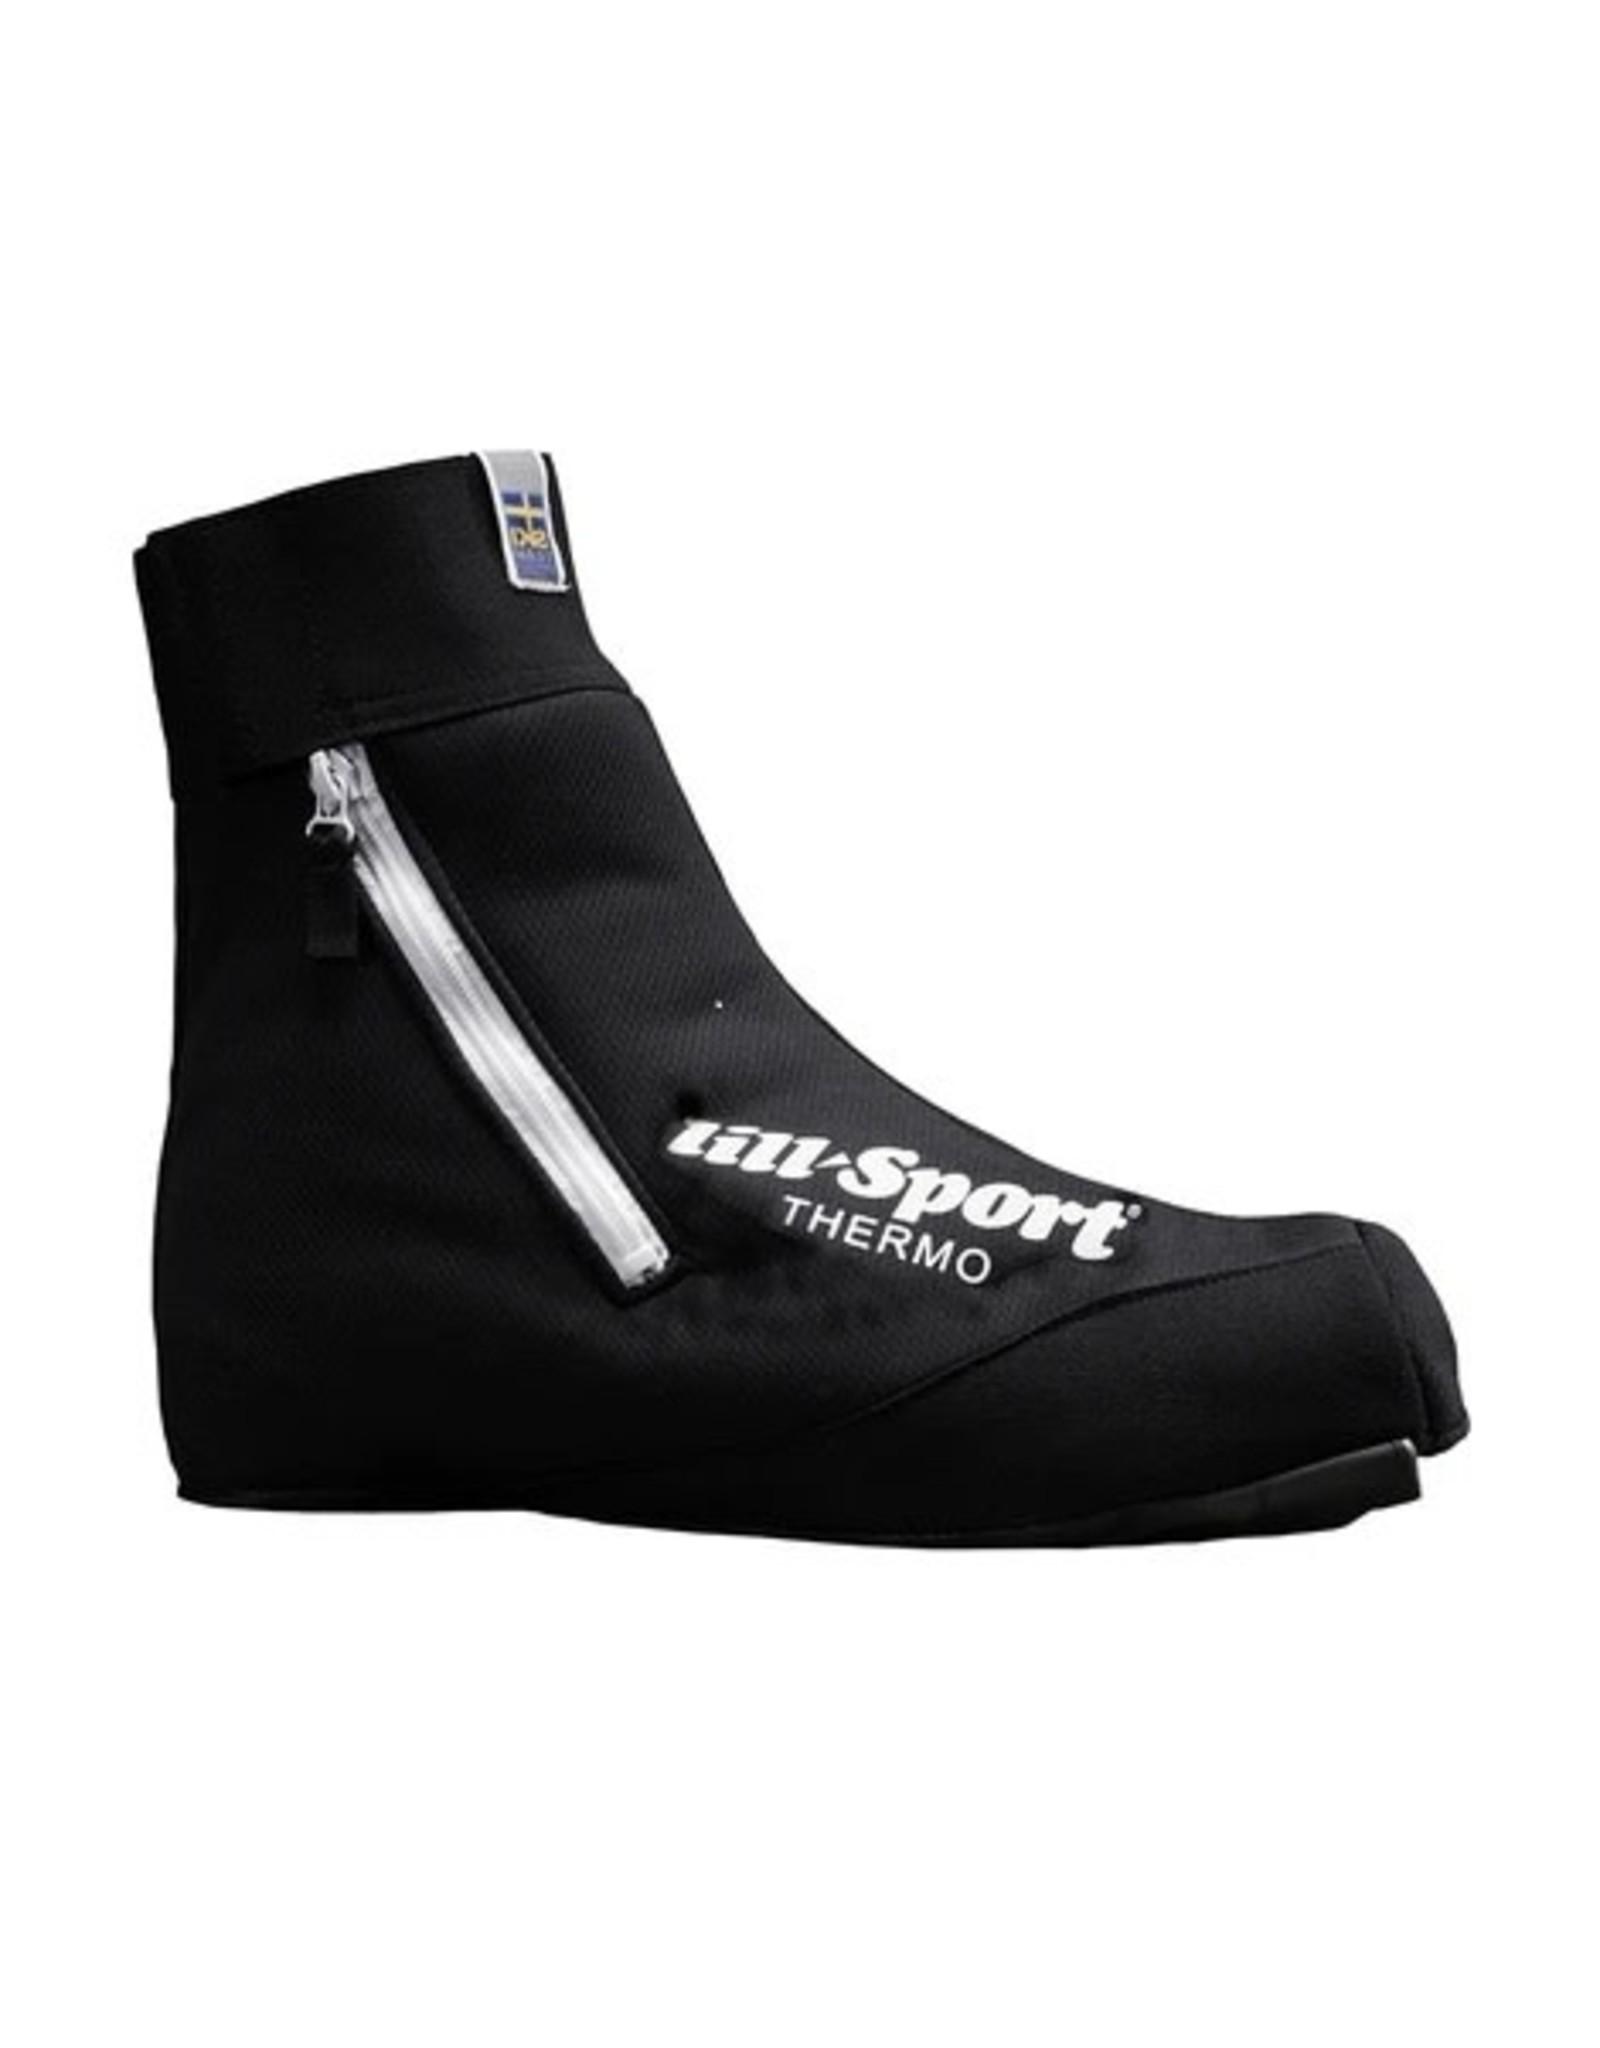 lillSport '20, LILLSPORT, Boot Cover, Thermo Boot Cover